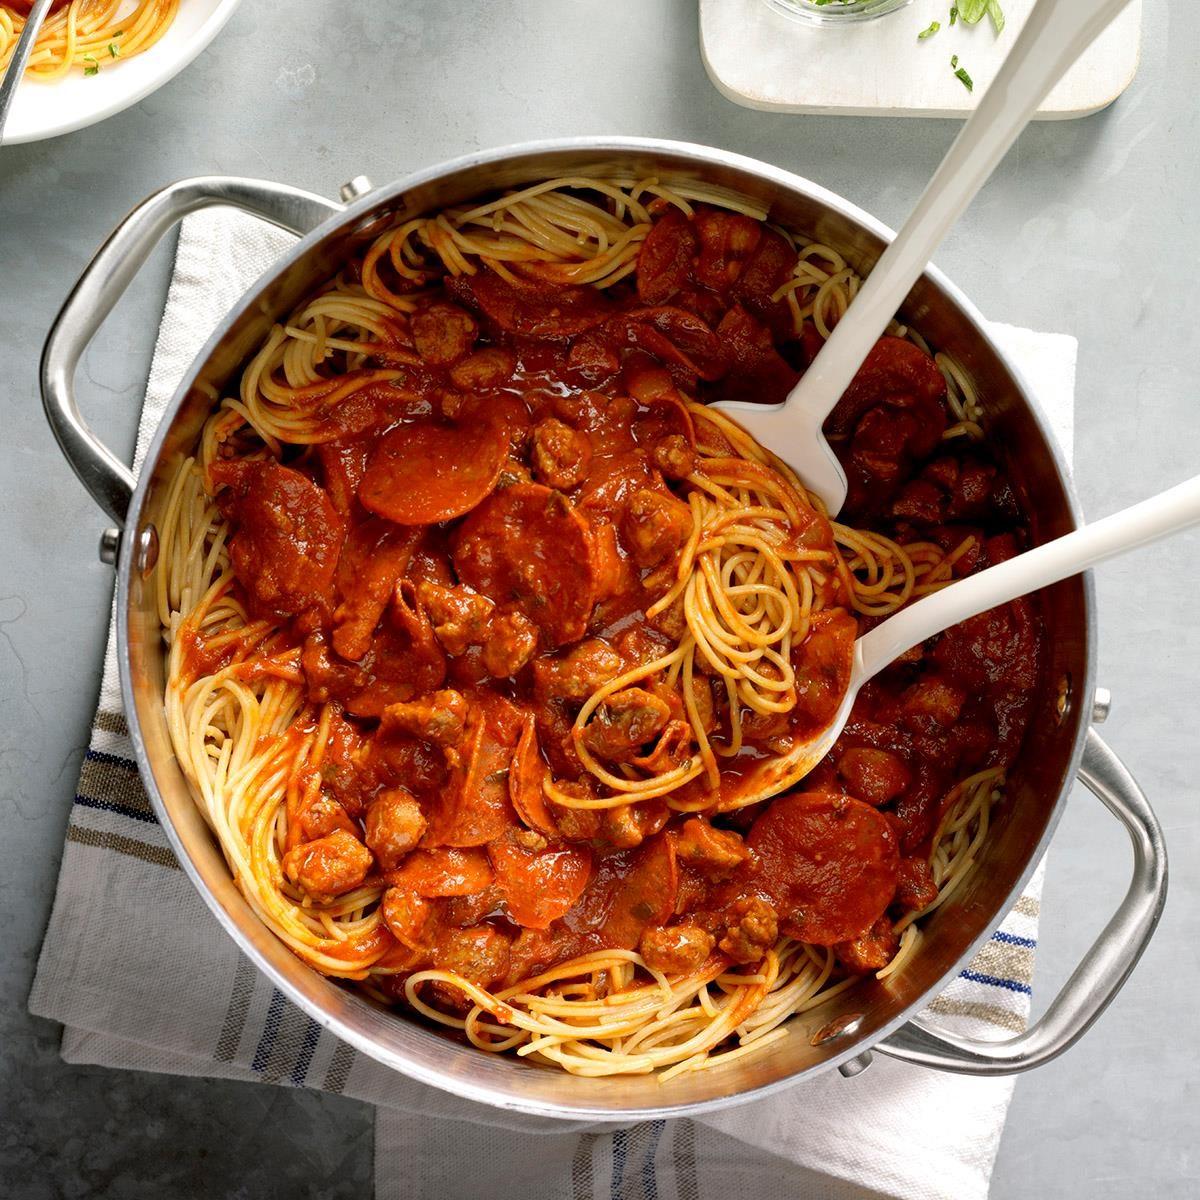 Pizza spaghetti